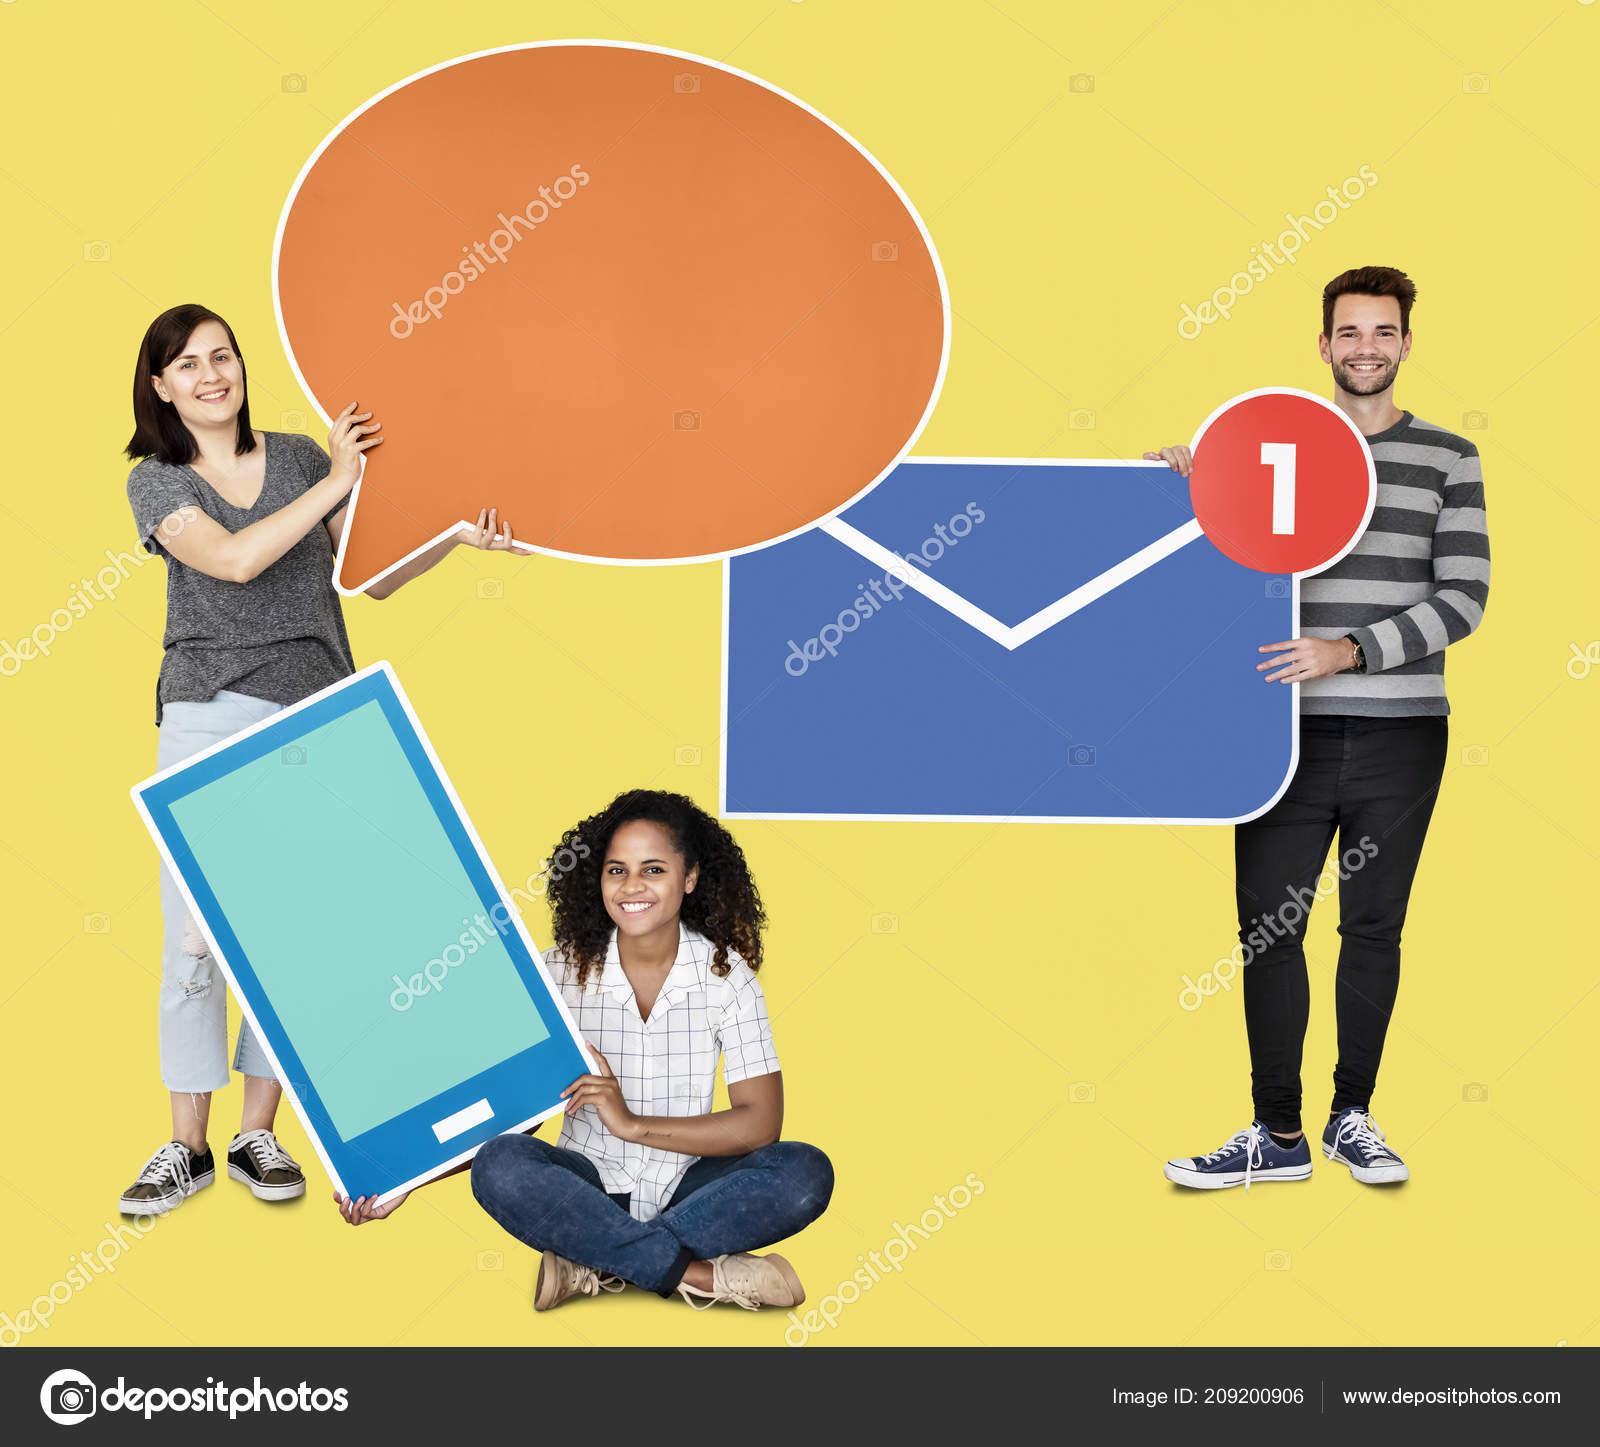 Menschen Halten Verschiedene Arten Der Kommunikation Symbole